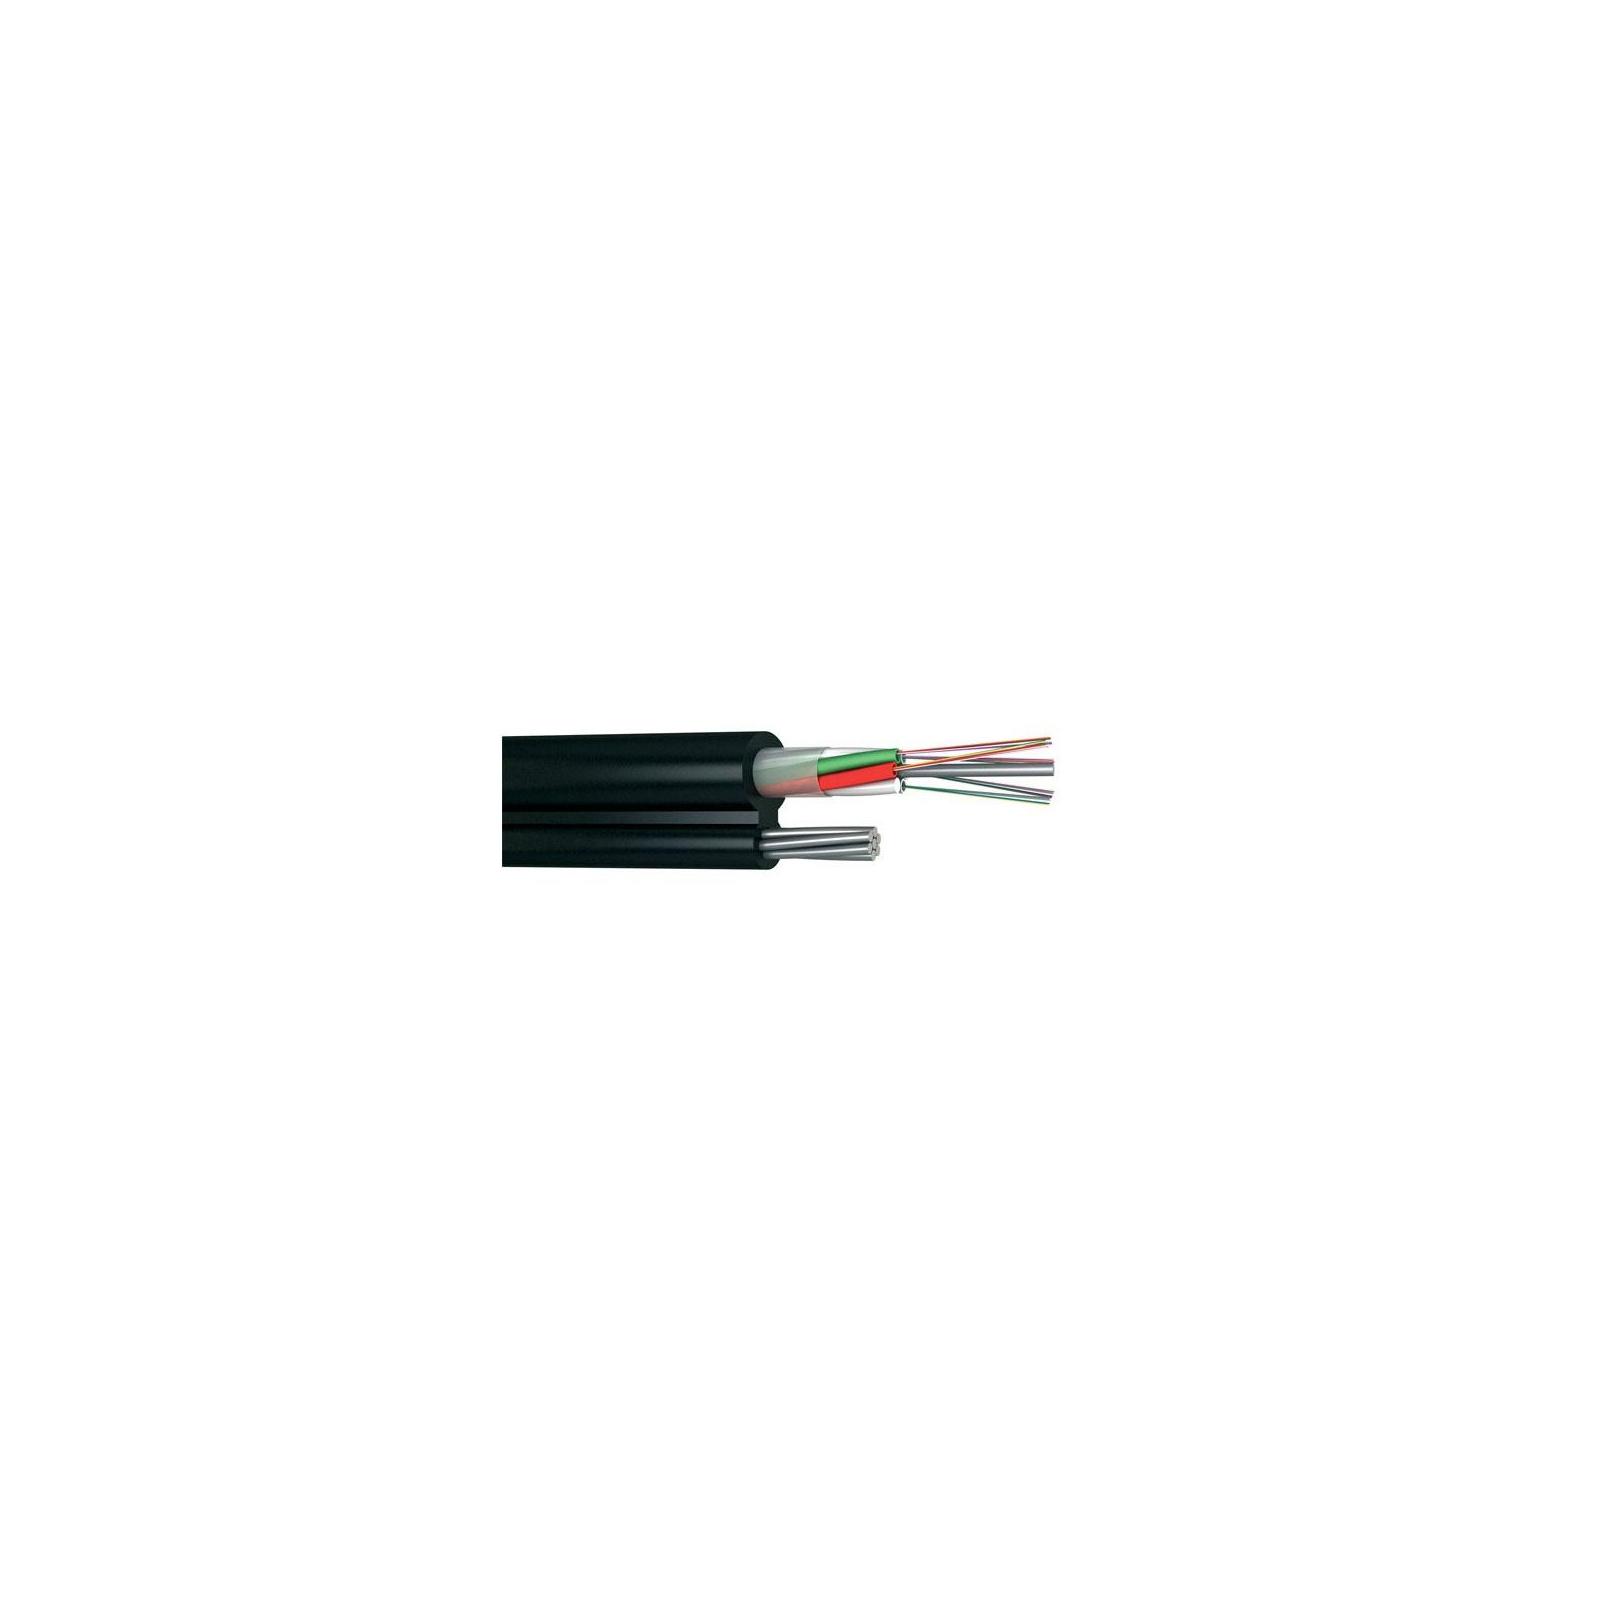 Кабель FinMark Волоконно Оптический (ВО) 48 волокна, трос, 1м. (LT048-SM-28)